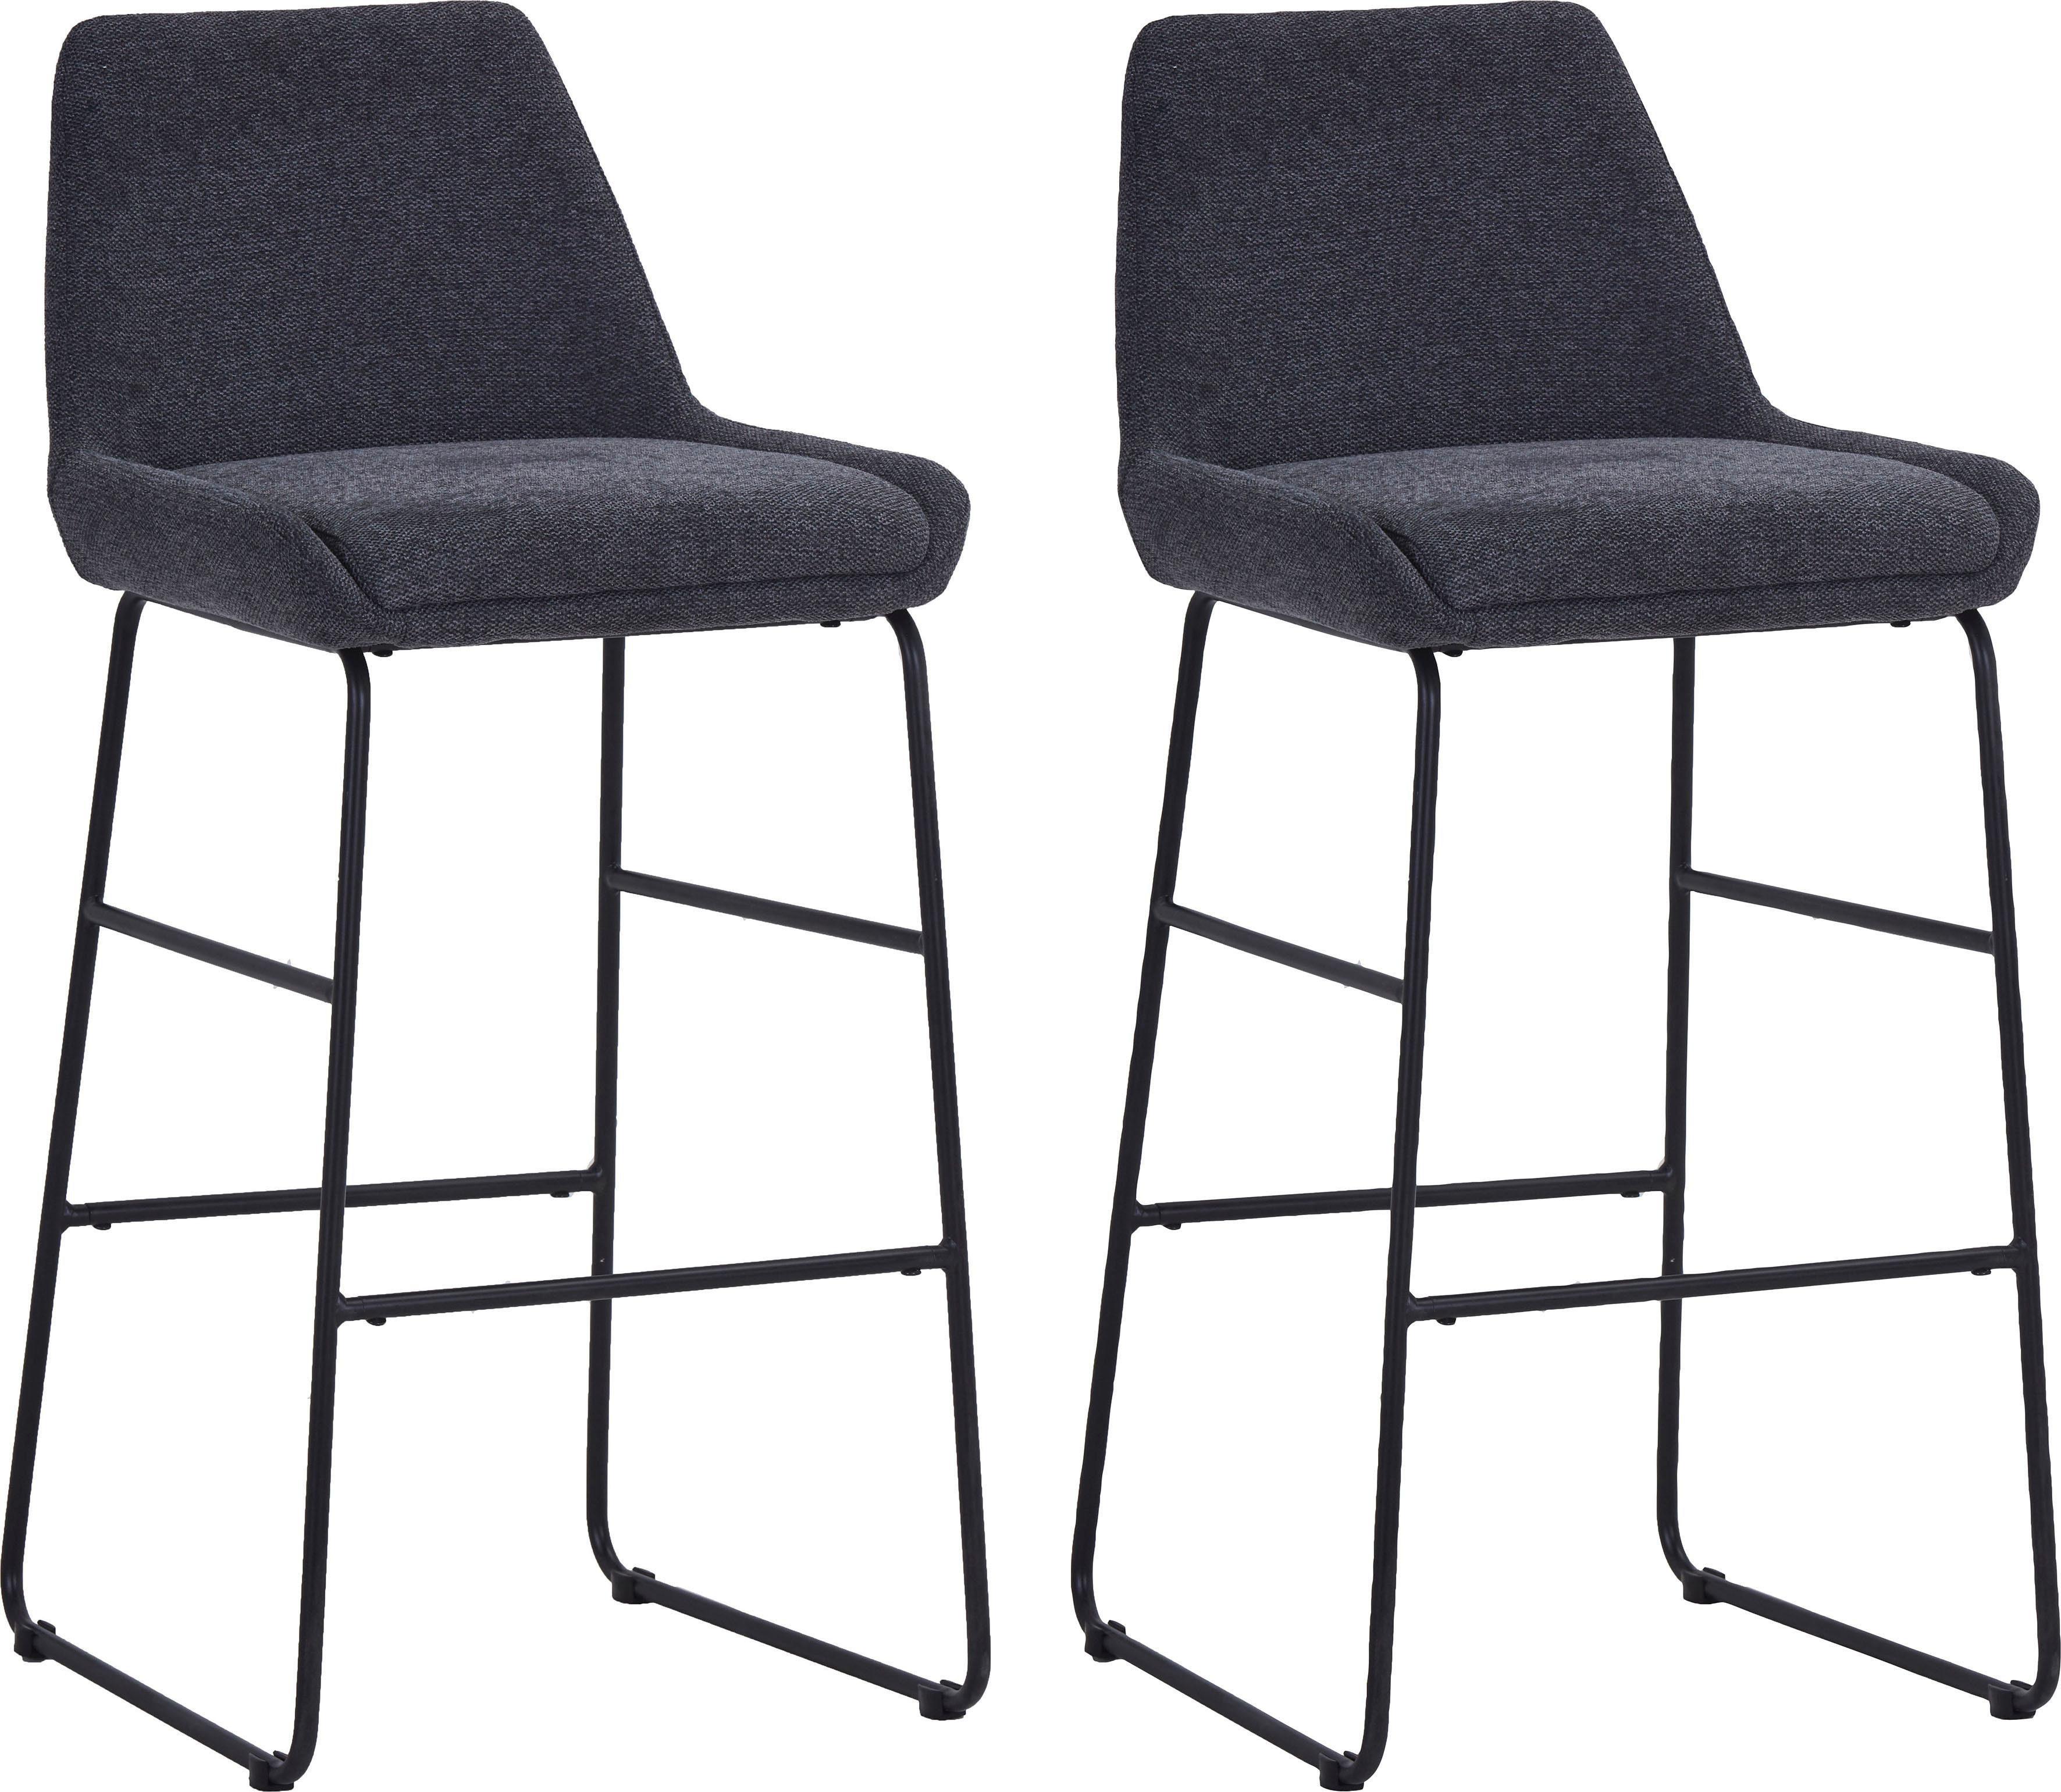 SIT Barhocker (2 Stück Set) Wohnen/Möbel/Küchenmöbel/Barmöbel/Barhocker